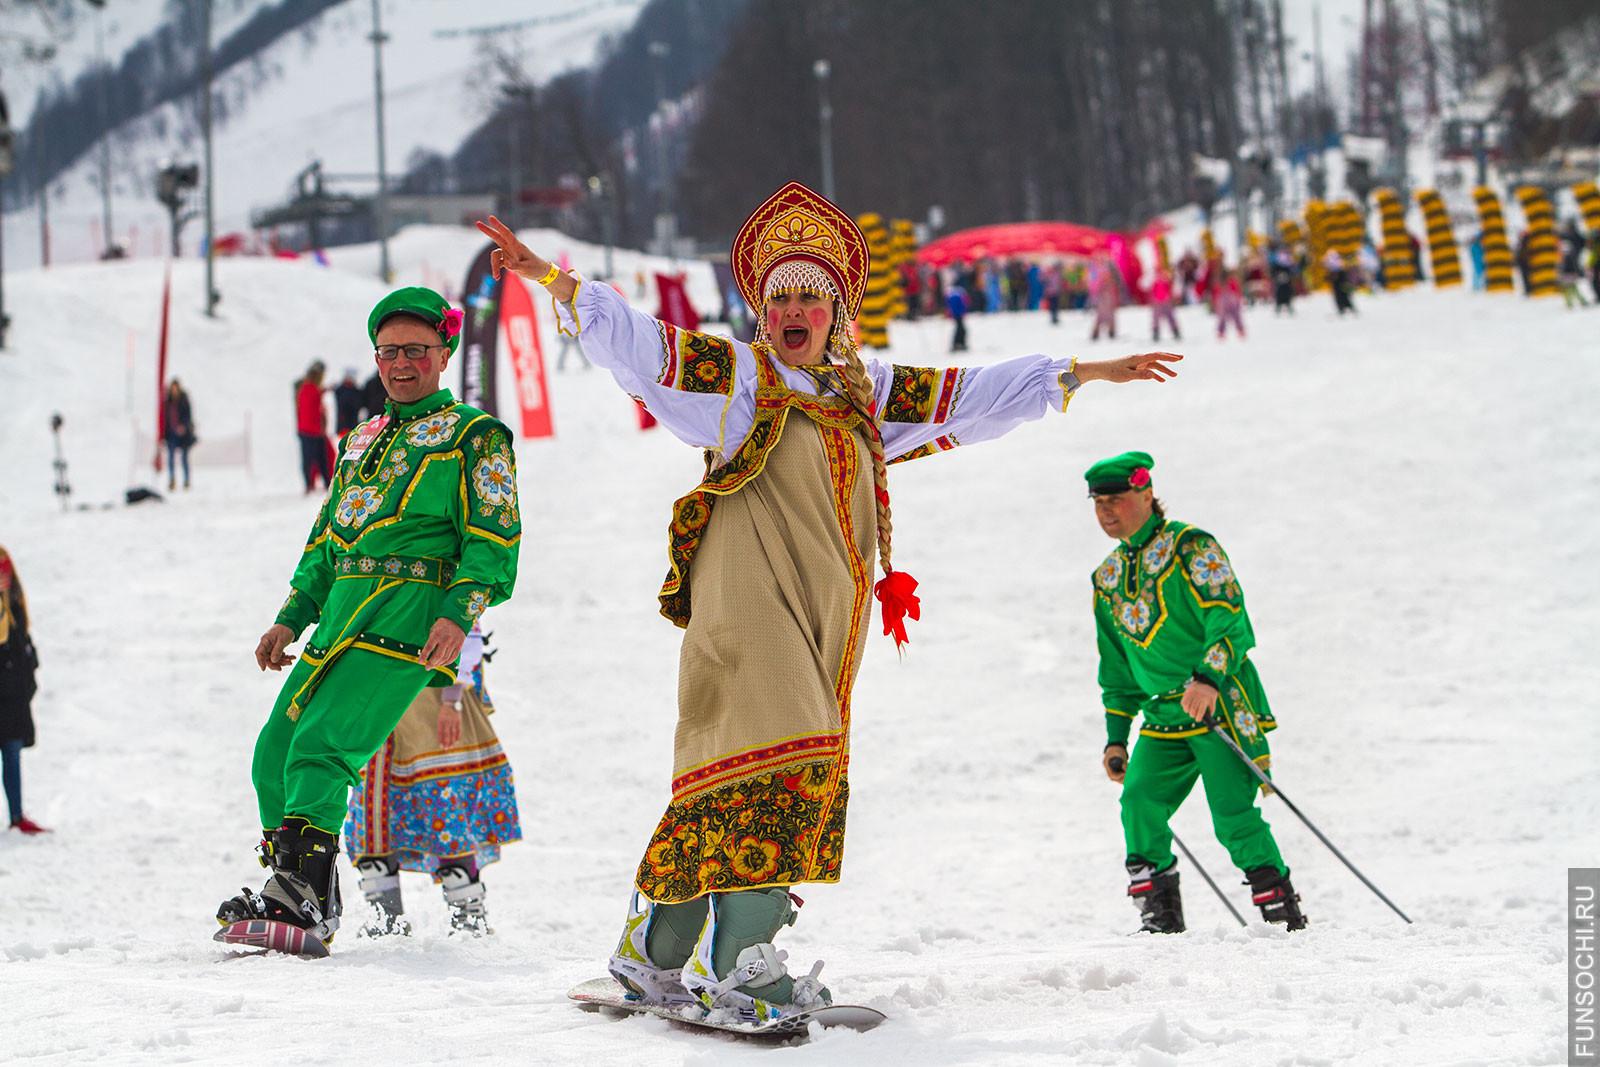 Русские народные сноубордисты и лыжники карнавал